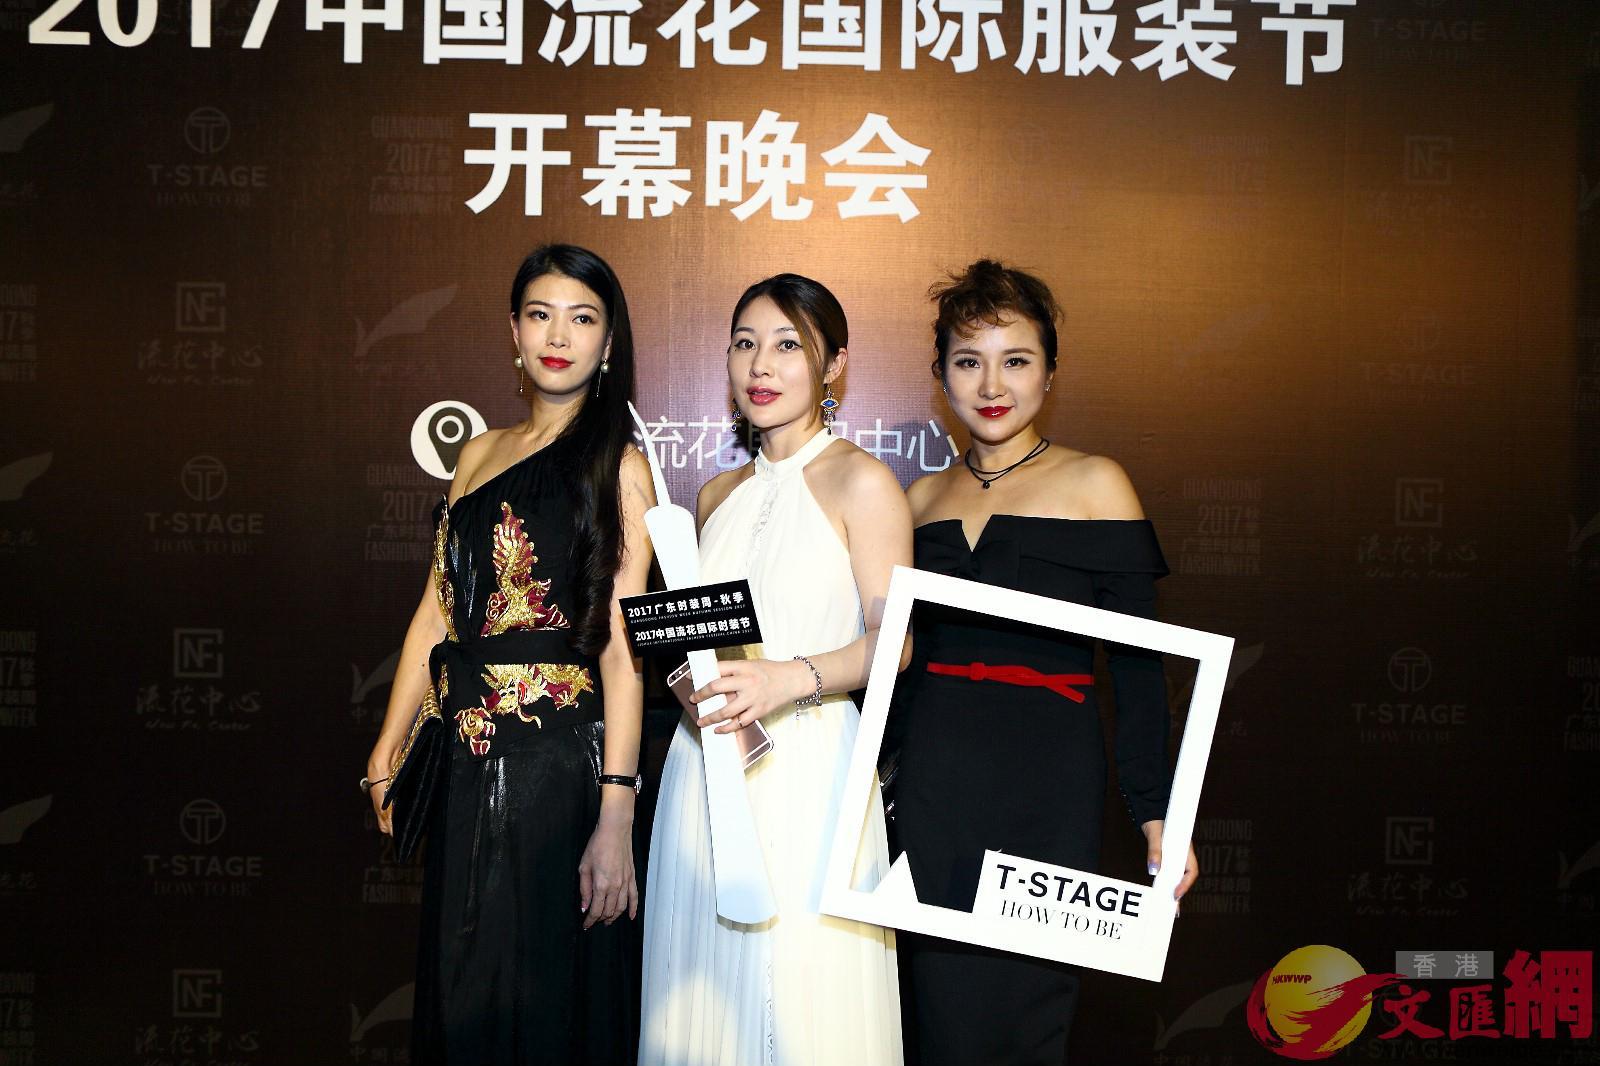 2017廣東時裝周-秋季在廣州揭幕,吸引來自海內外的132個品牌和設計師參與。